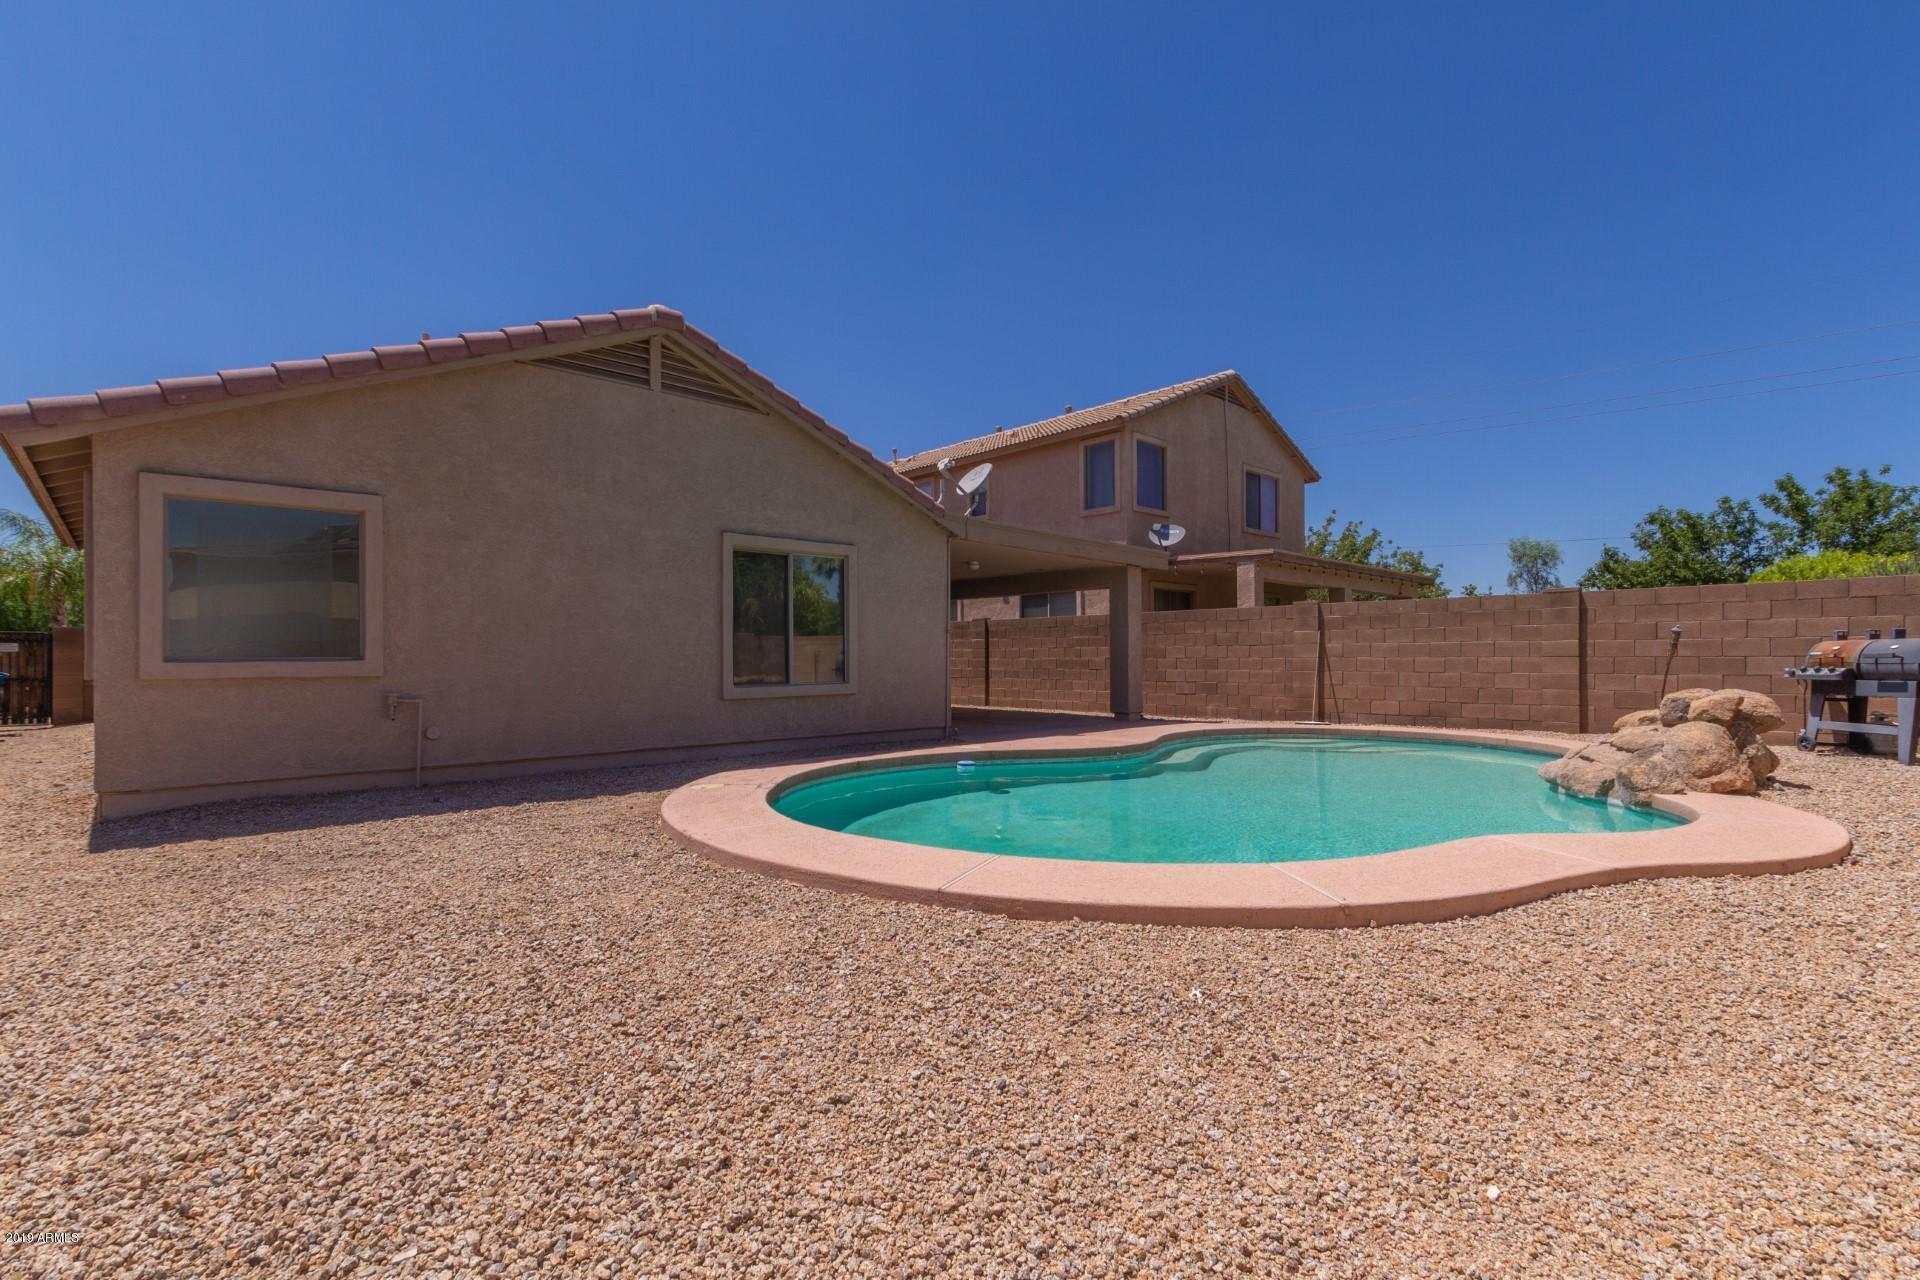 MLS 5949077 12163 N 150th Lane, Surprise, AZ 85379 Surprise AZ Rancho Gabriela